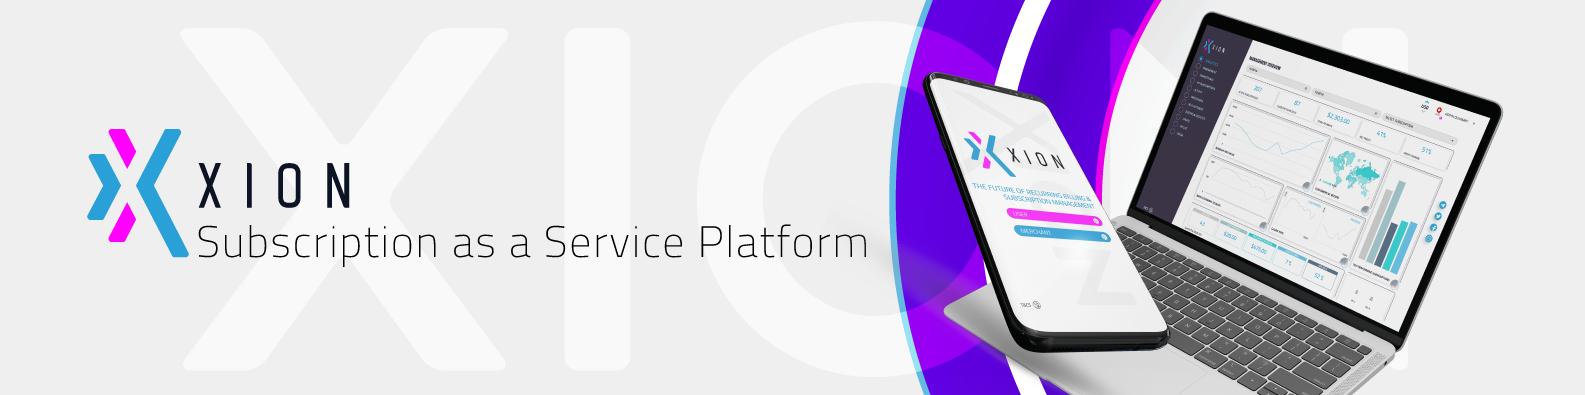 Subscription-as-a-service-platform